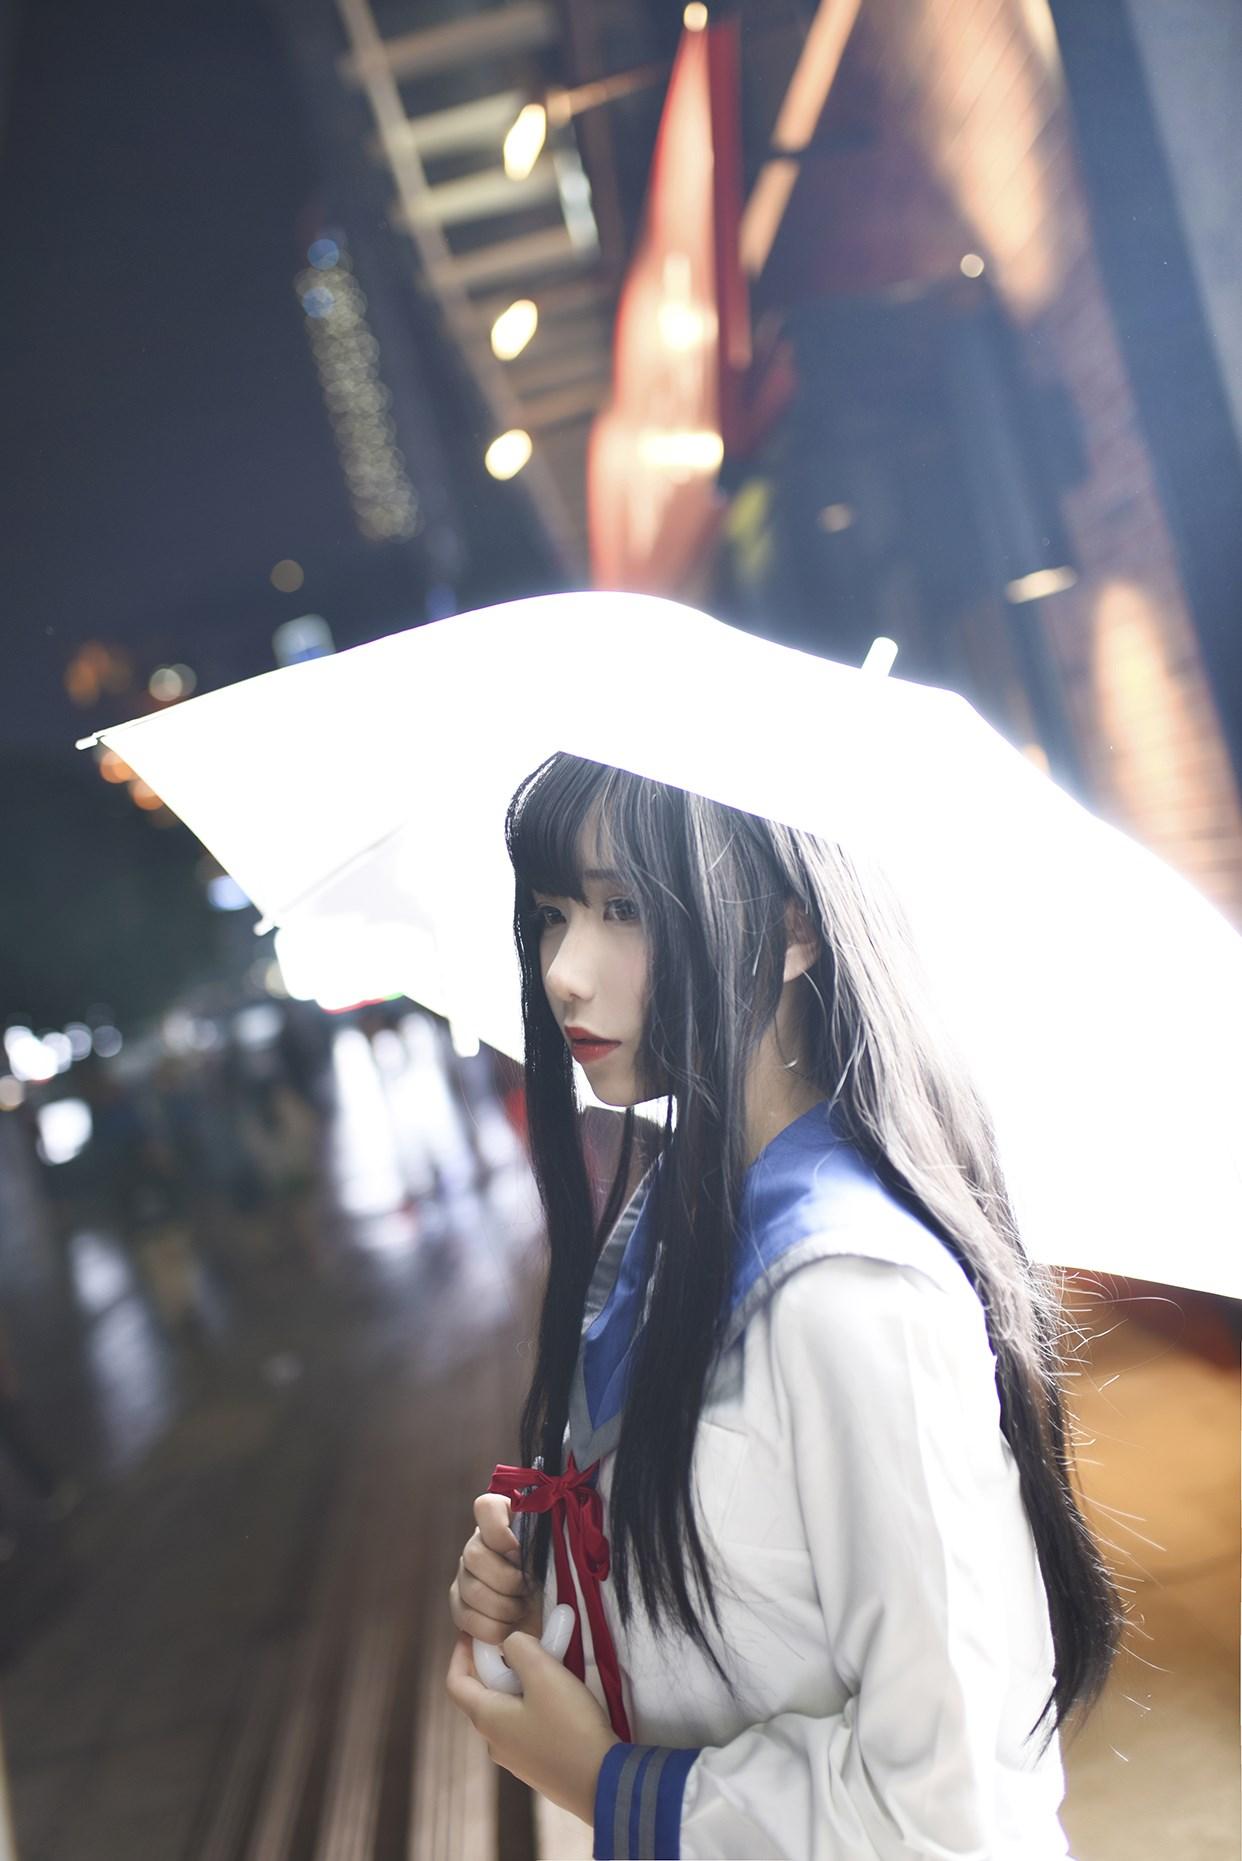 【兔玩映画】伞中少女 兔玩映画 第1张